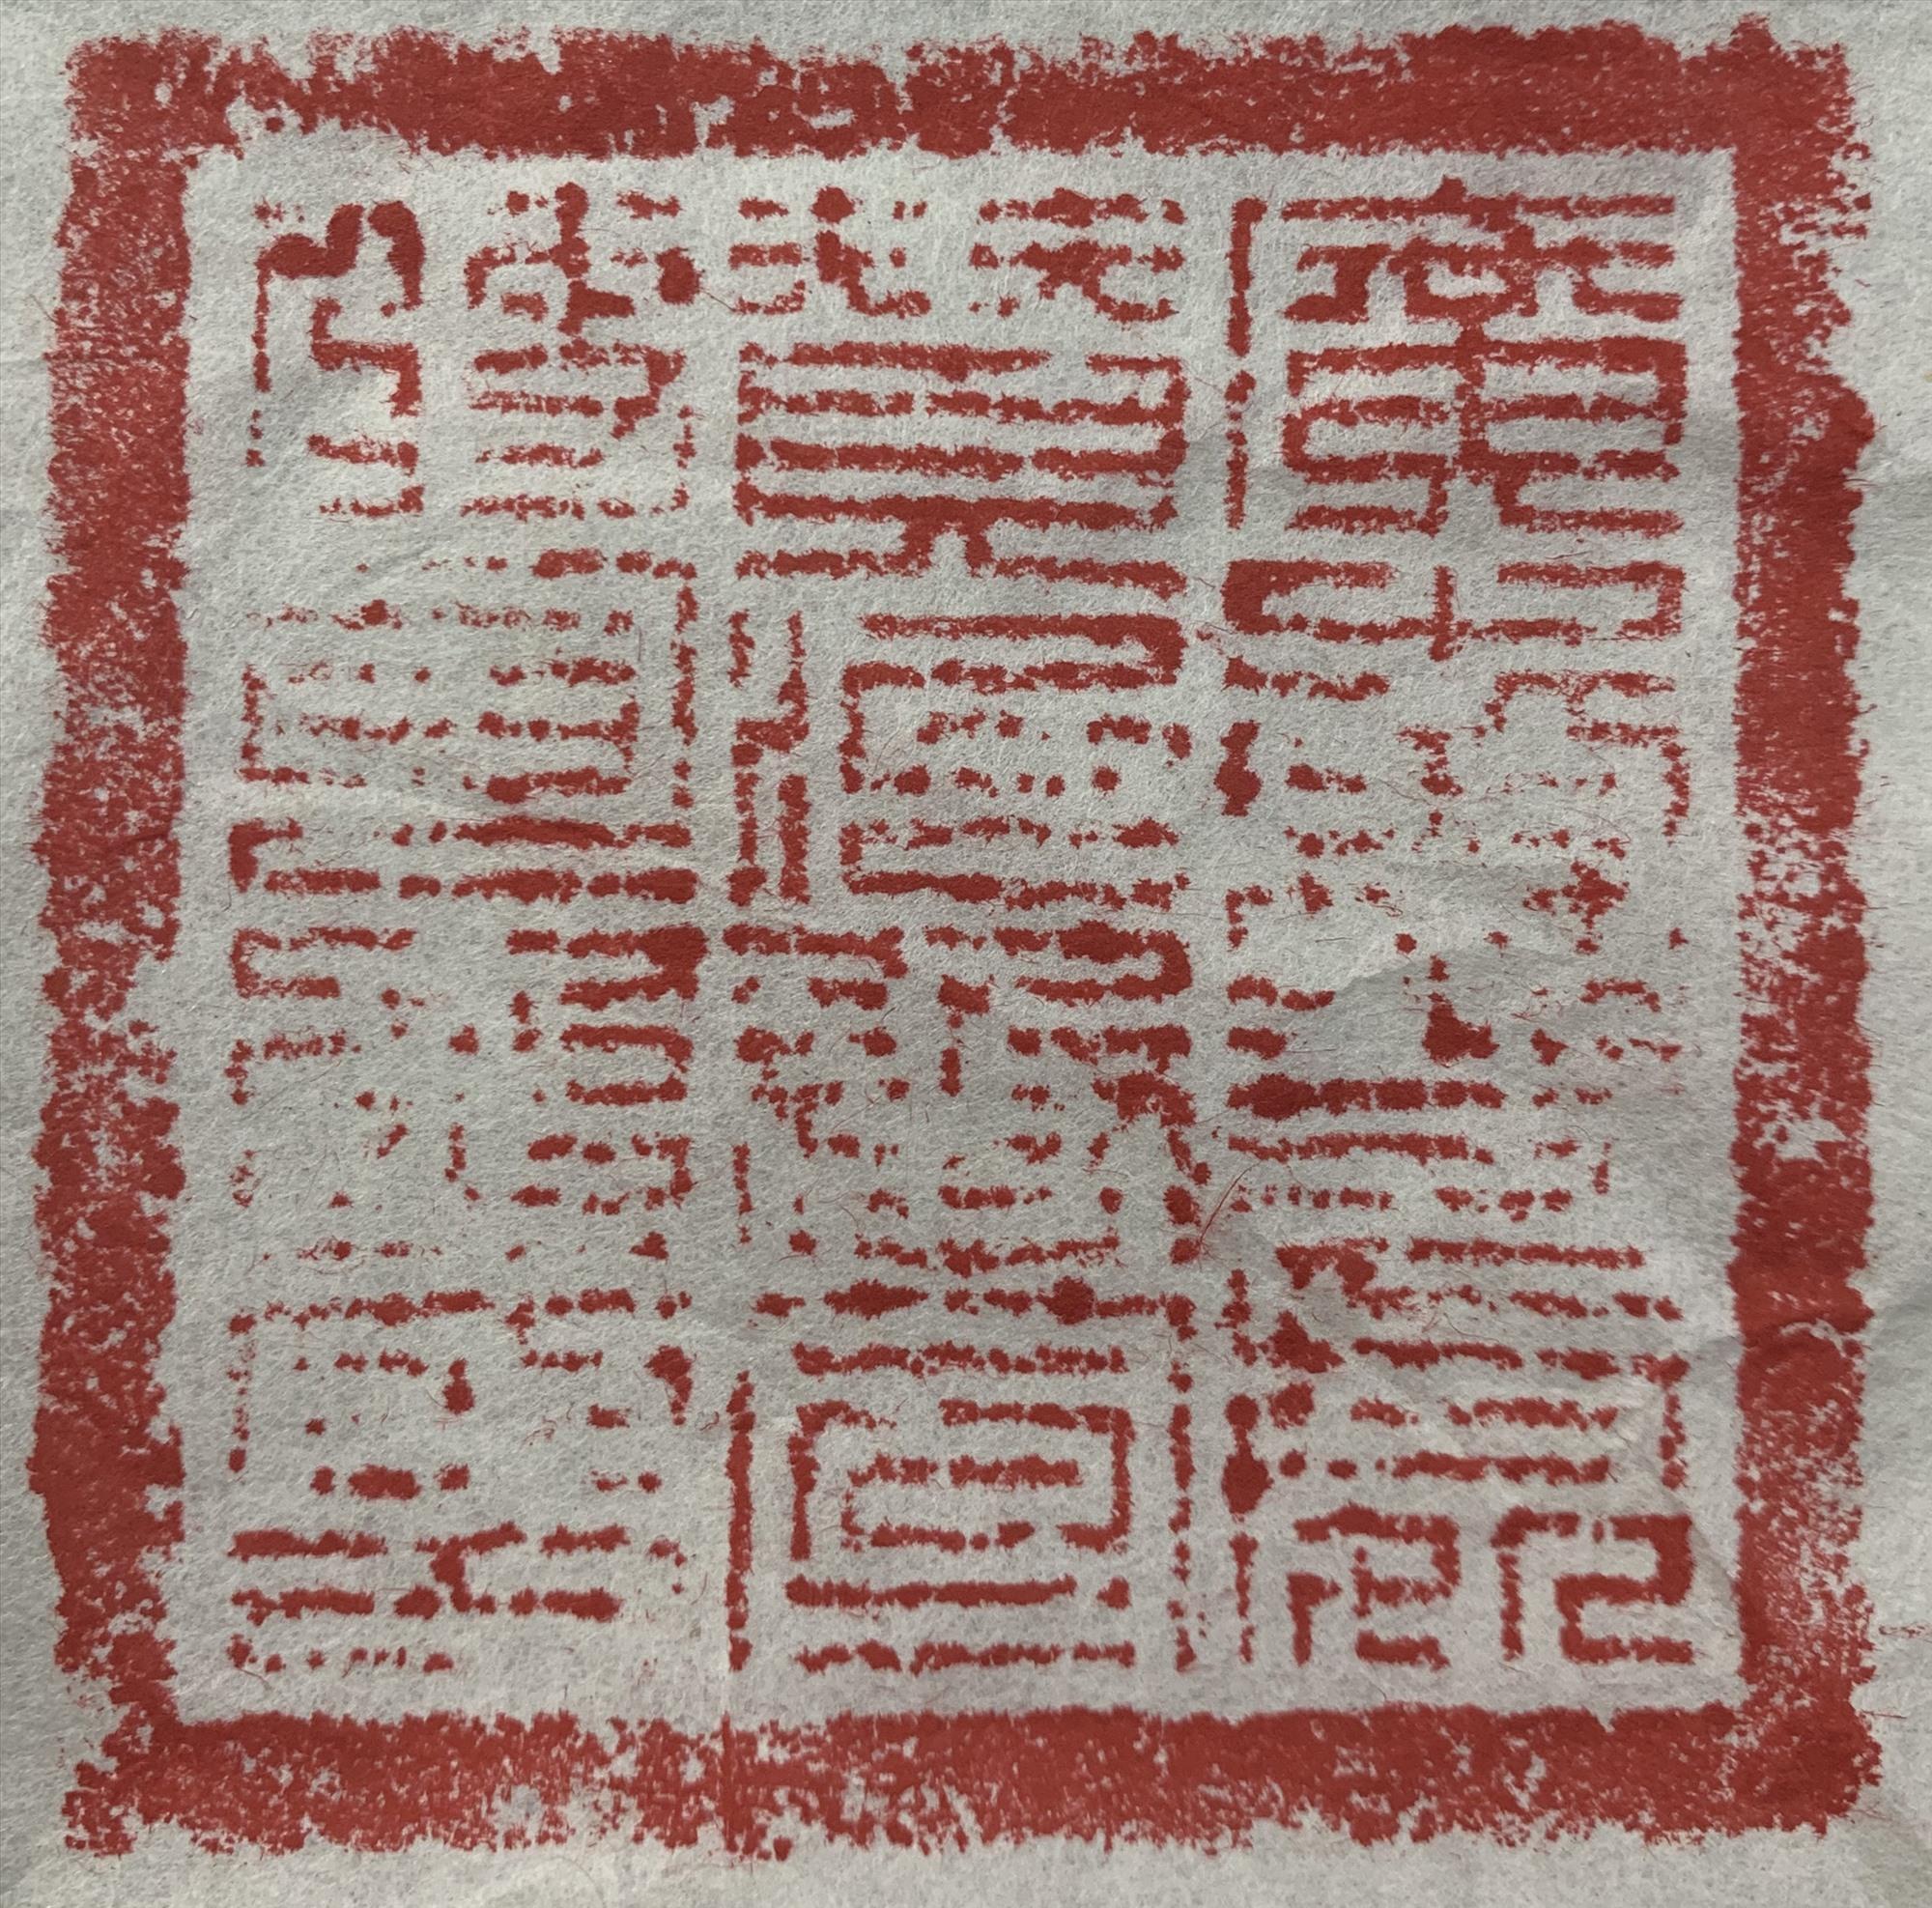 Dấu ấn Quảng Nam đẳng xứ Tán trị thừa tuyên sứ ty chi ấn thời Hồng Đức. (Nguồn: Bảo tàng lịch sử TP.Hồ Chí Minh cung cấp).